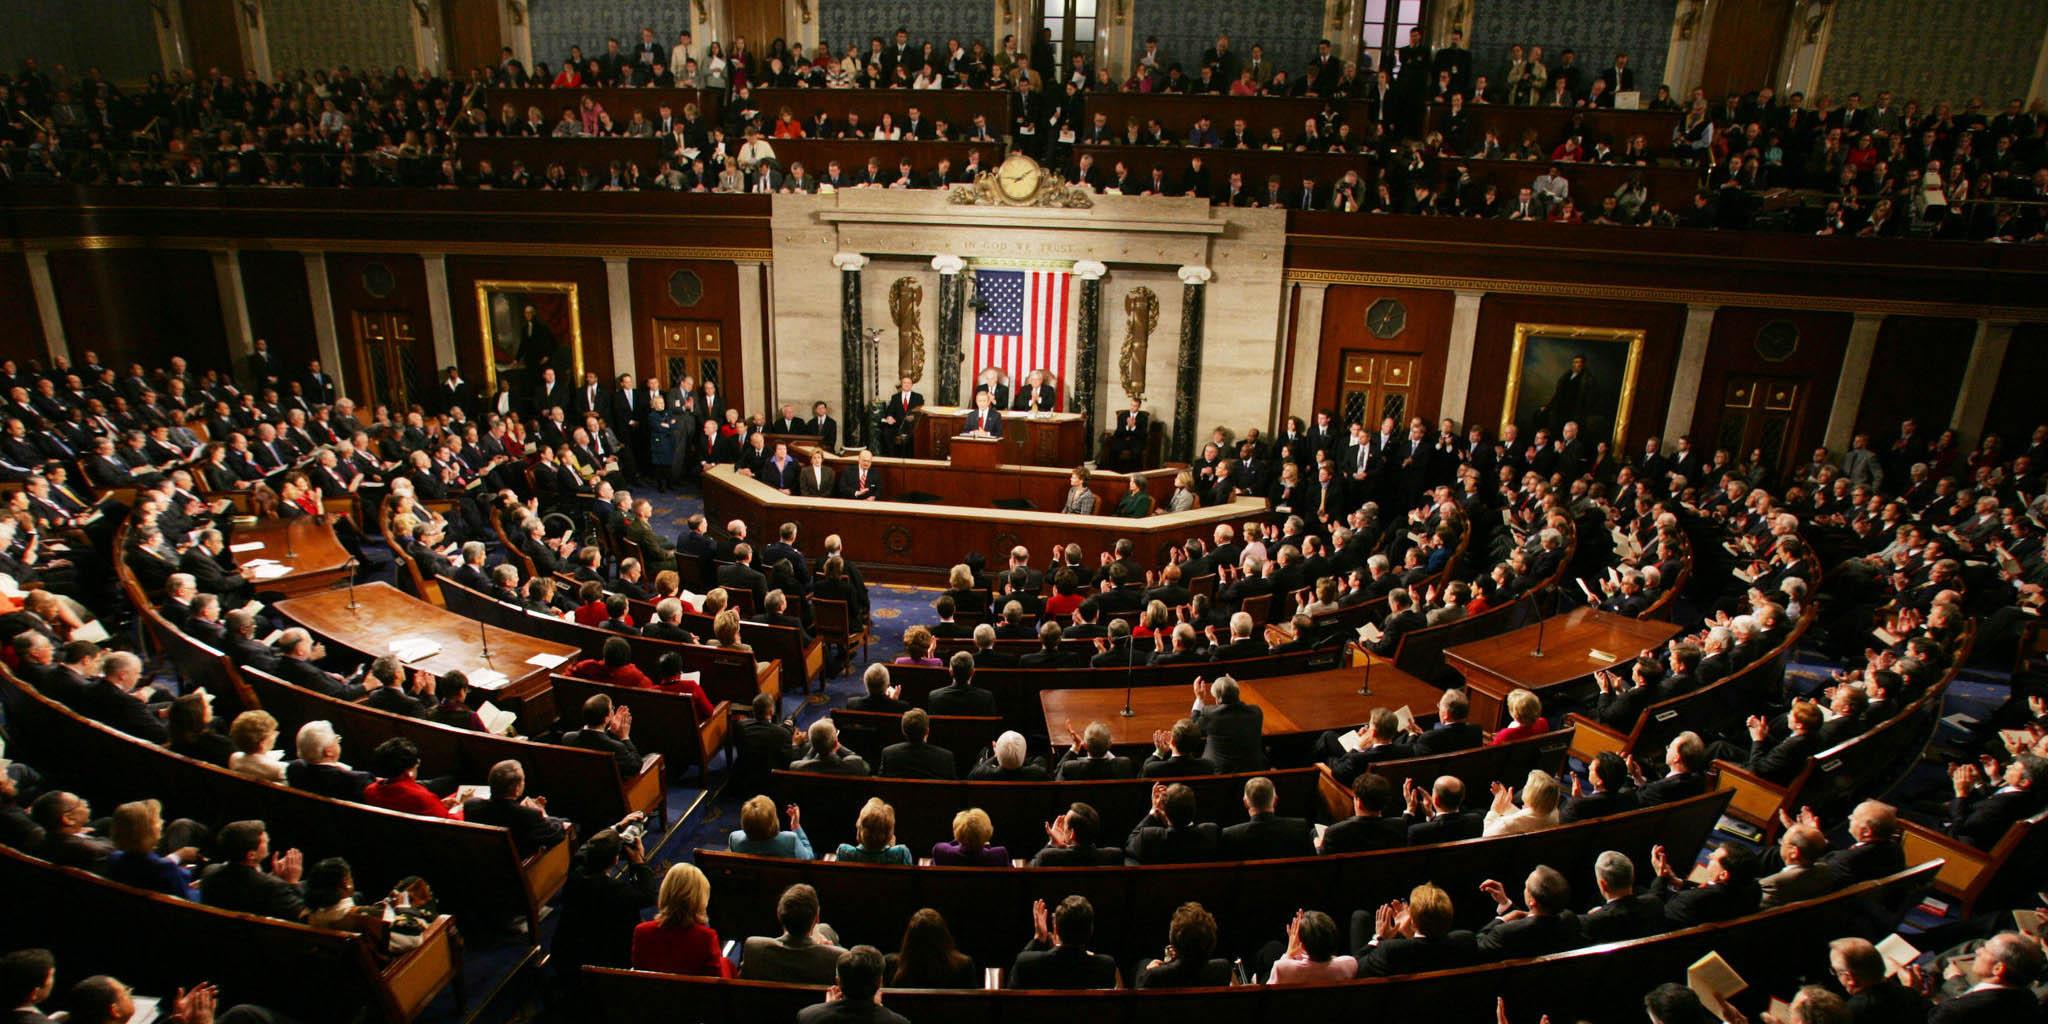 مشروط کردن خرید هواپیما در کنگره/ نقشه جدید آمریکا برای بلوکه کردن پول ایران